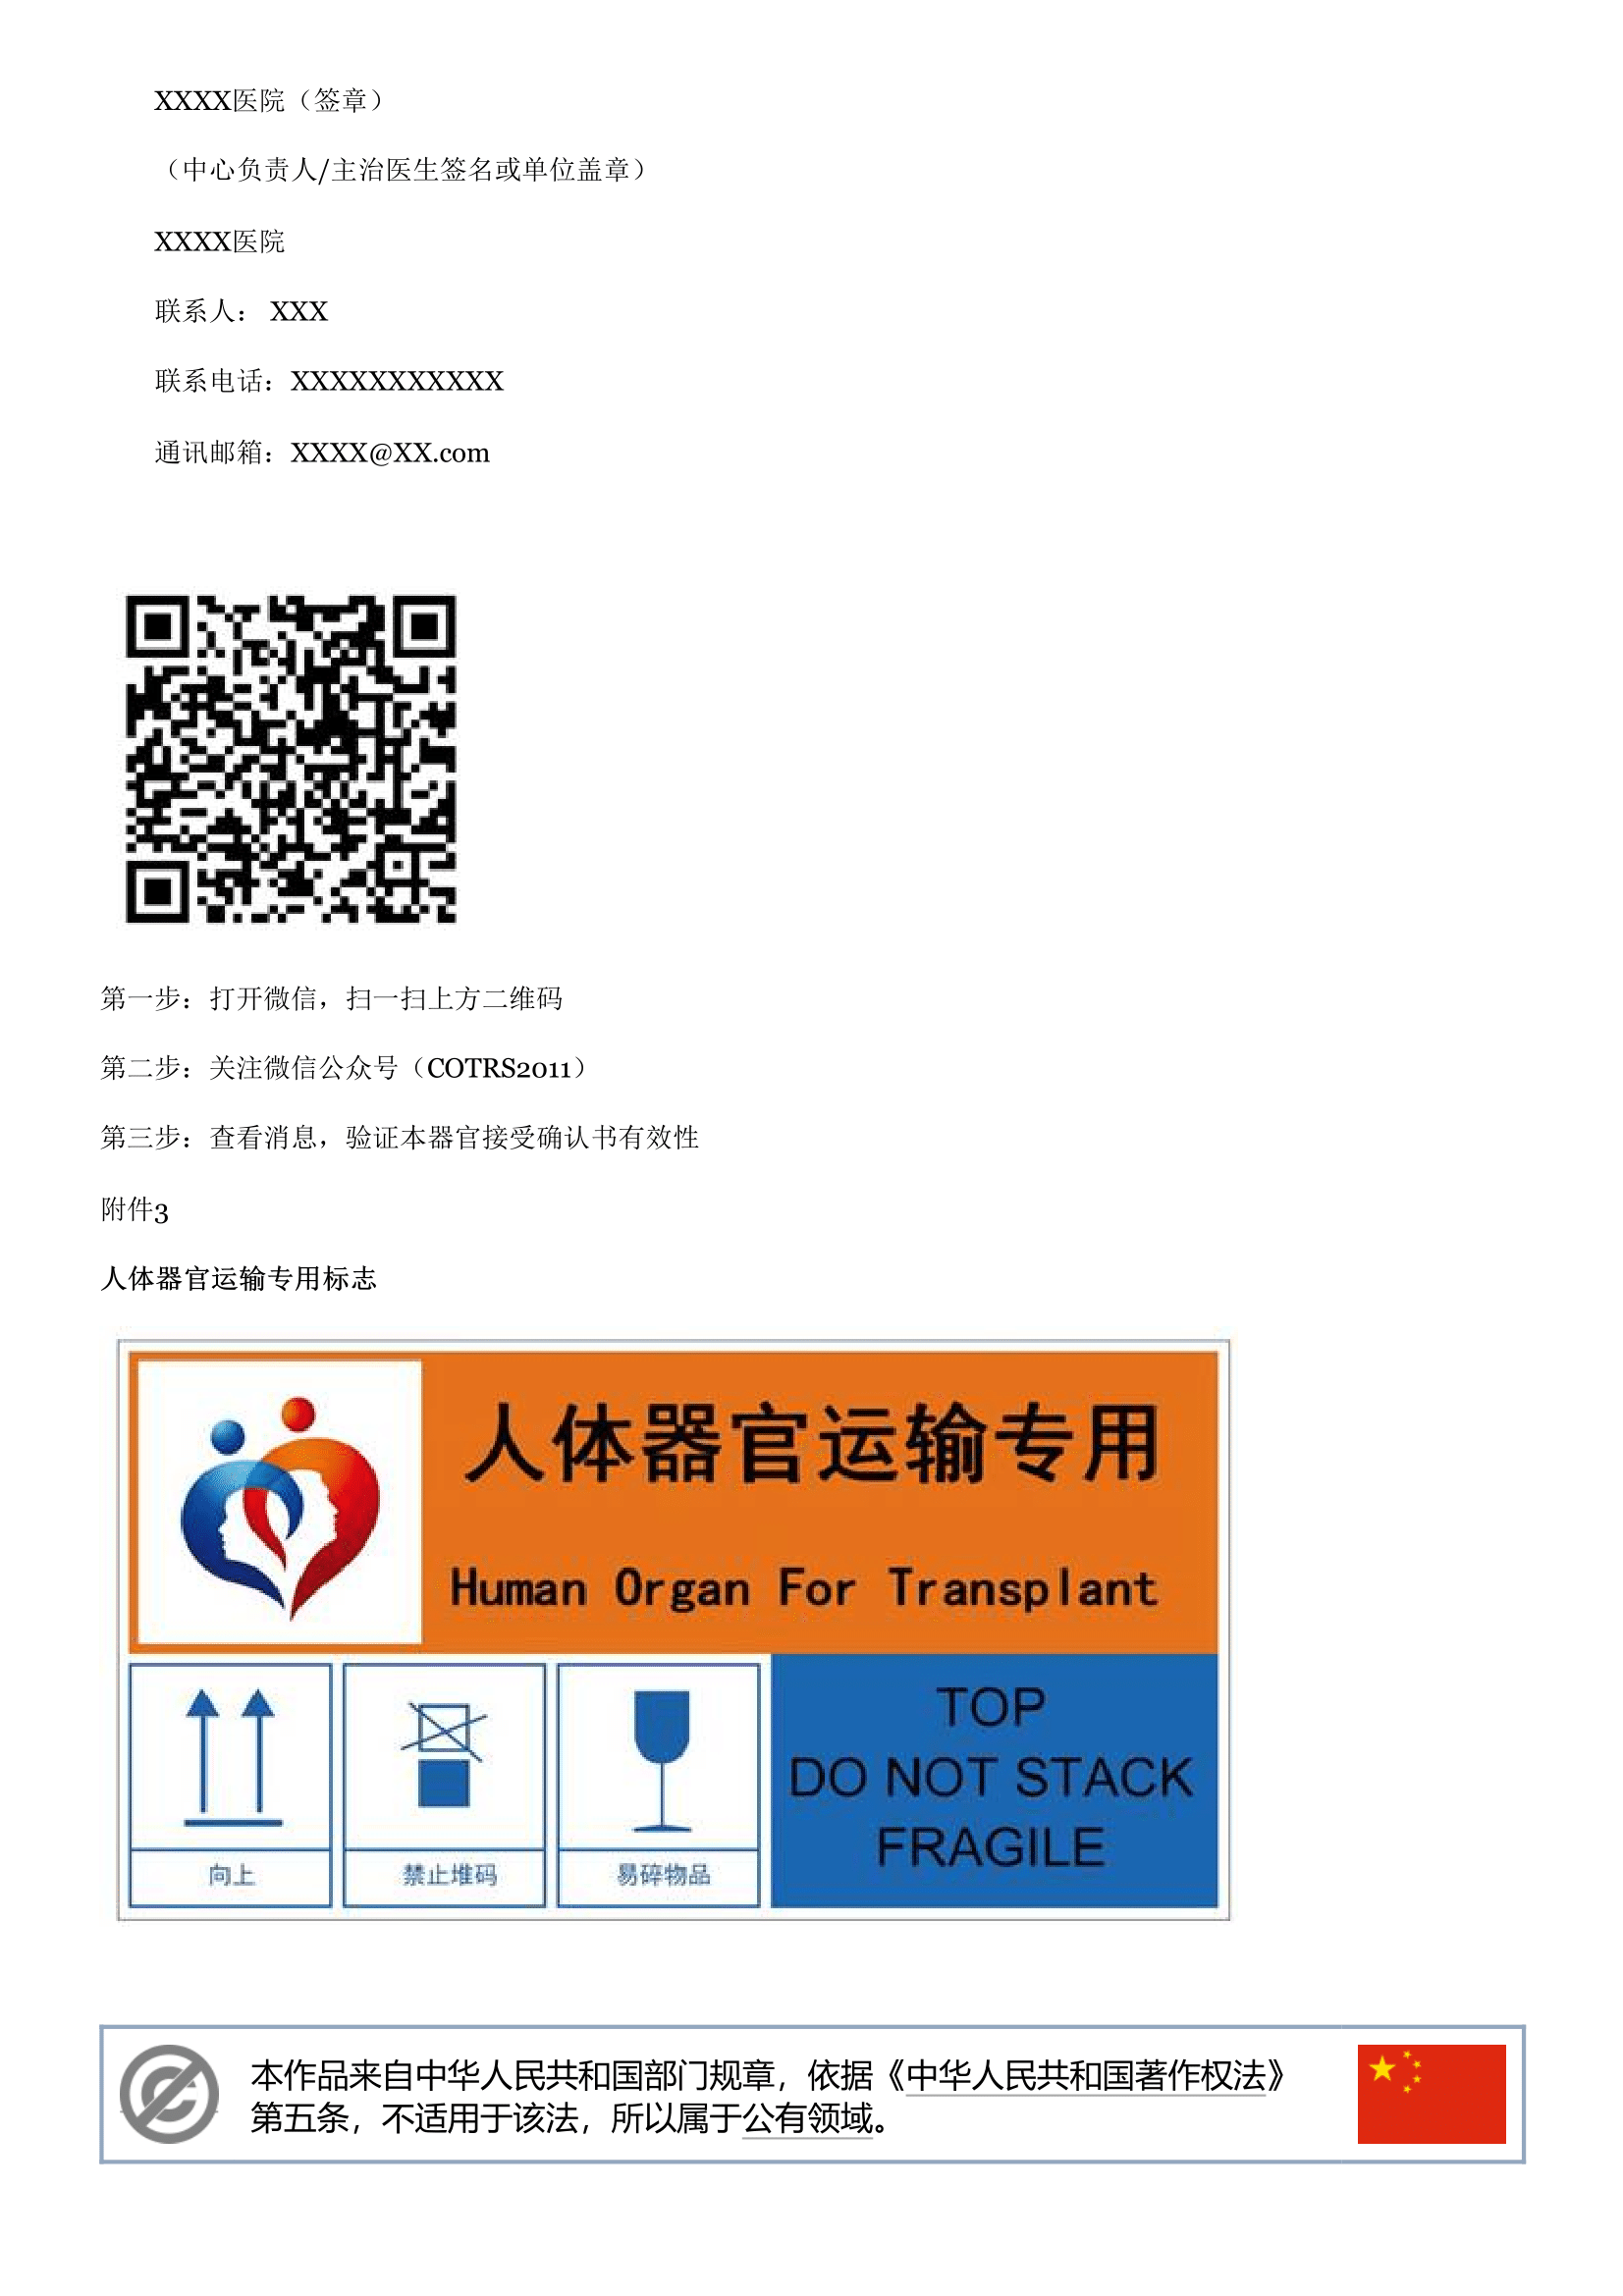 关于建立人体捐献器官转运绿色通道的通知 - 维基文库,自由的图书馆-4.png